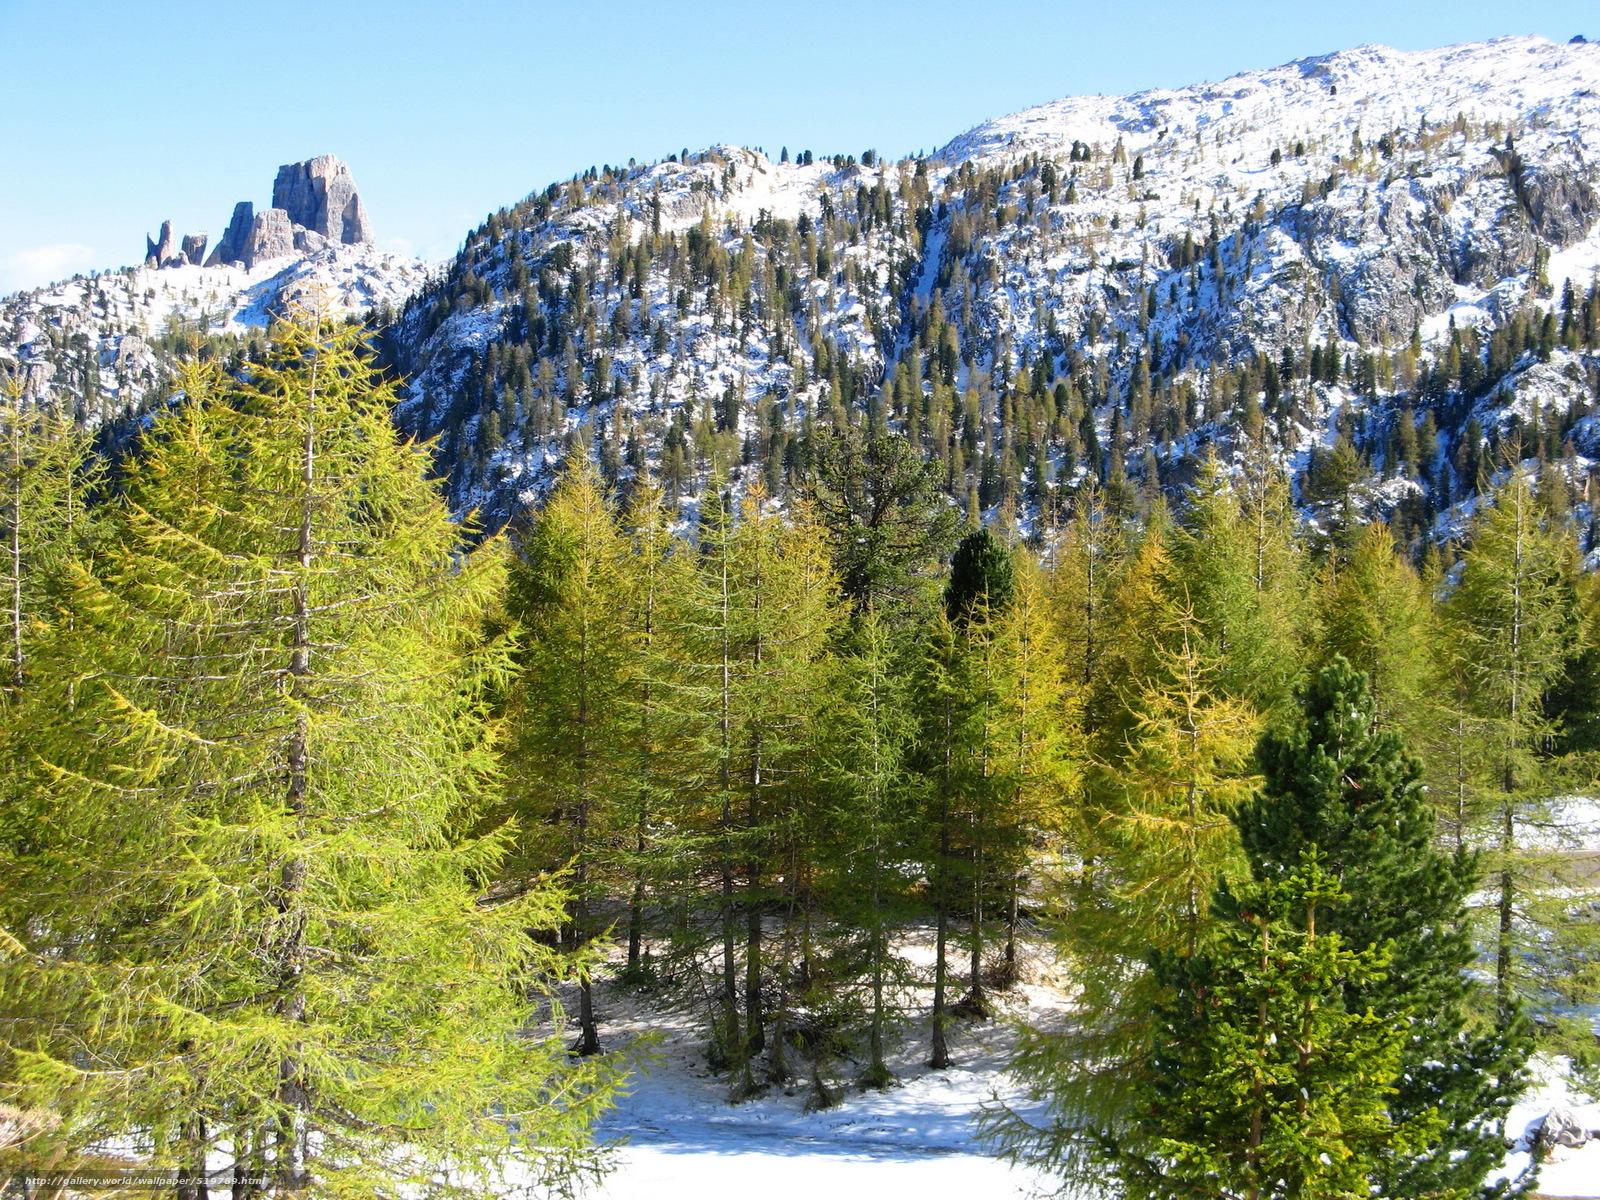 Tlcharger Fond D Ecran Montagnes Italie Paysage Alpes